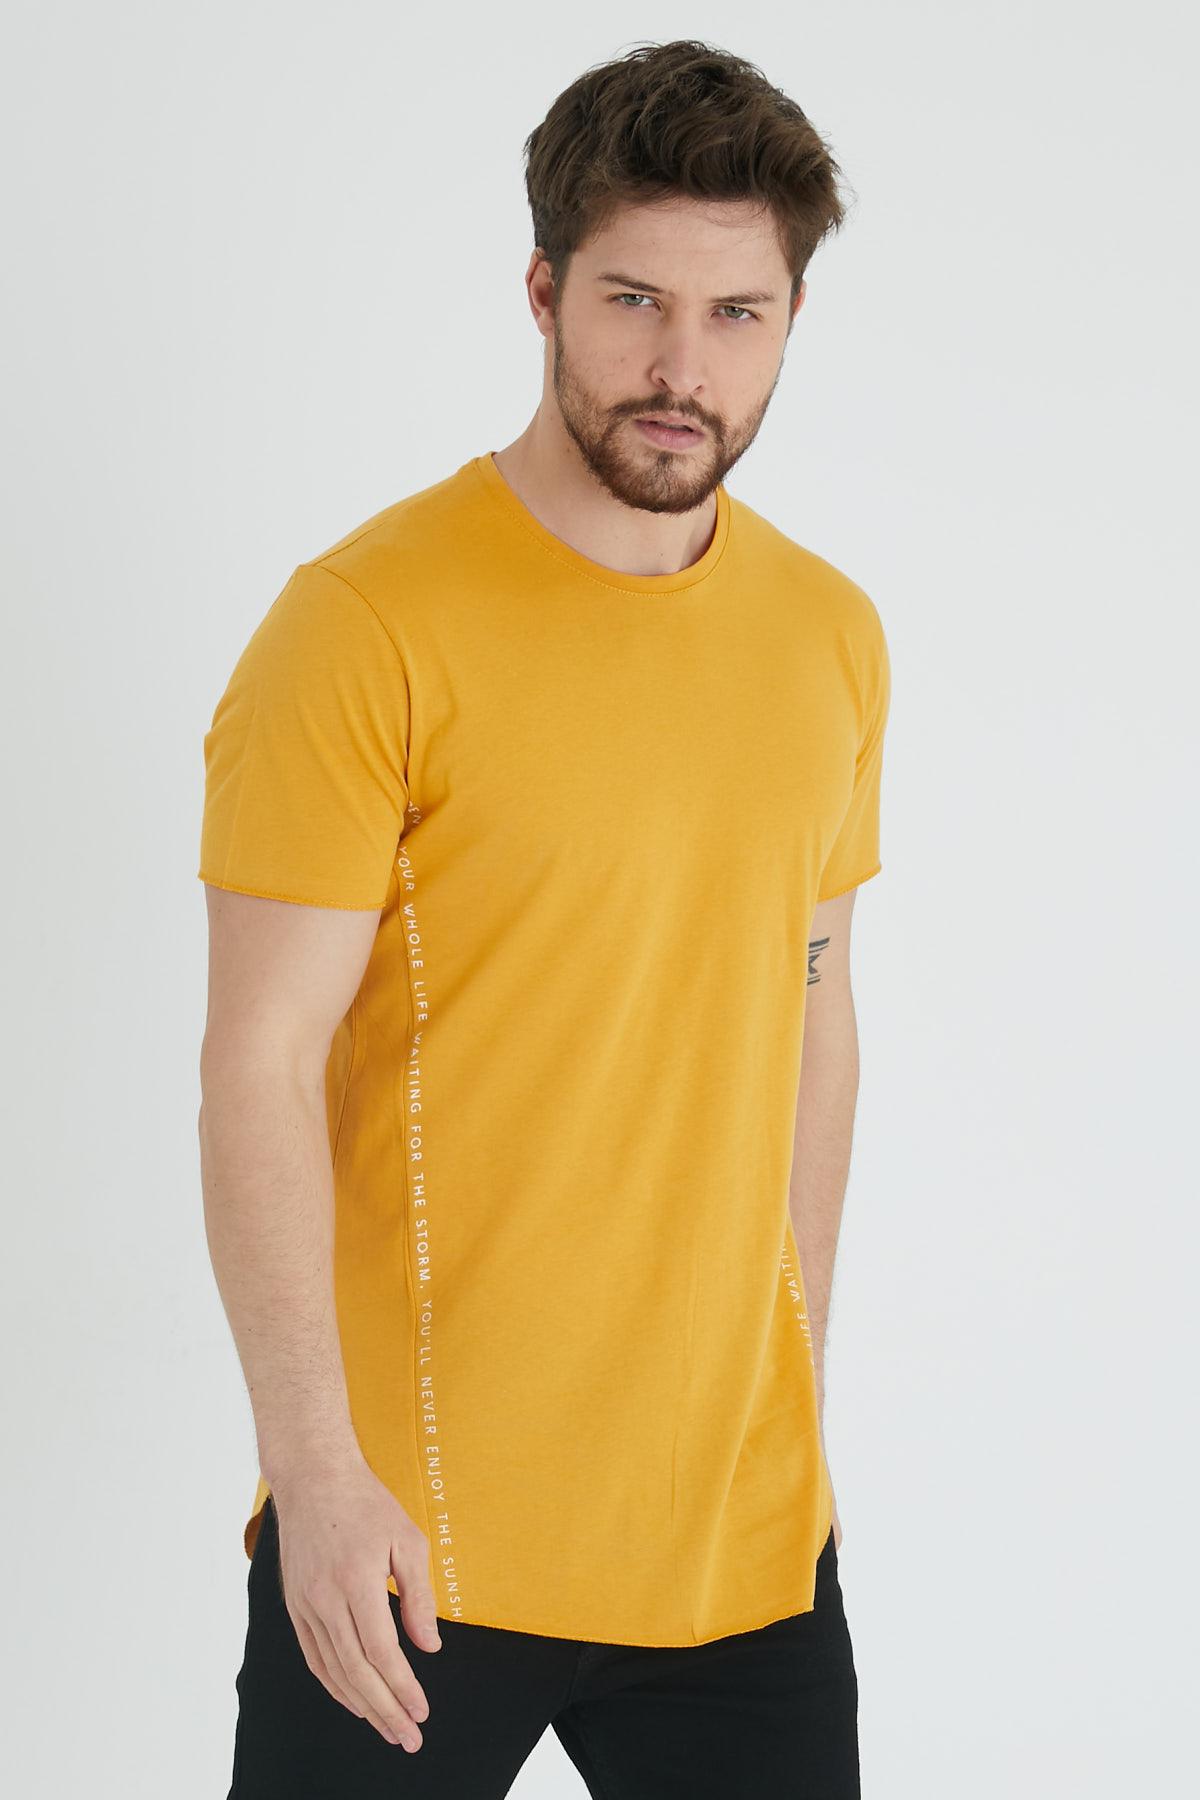 XHAN - Hardal Yanı Baskılı T-Shirt 1KXE1-44621-37